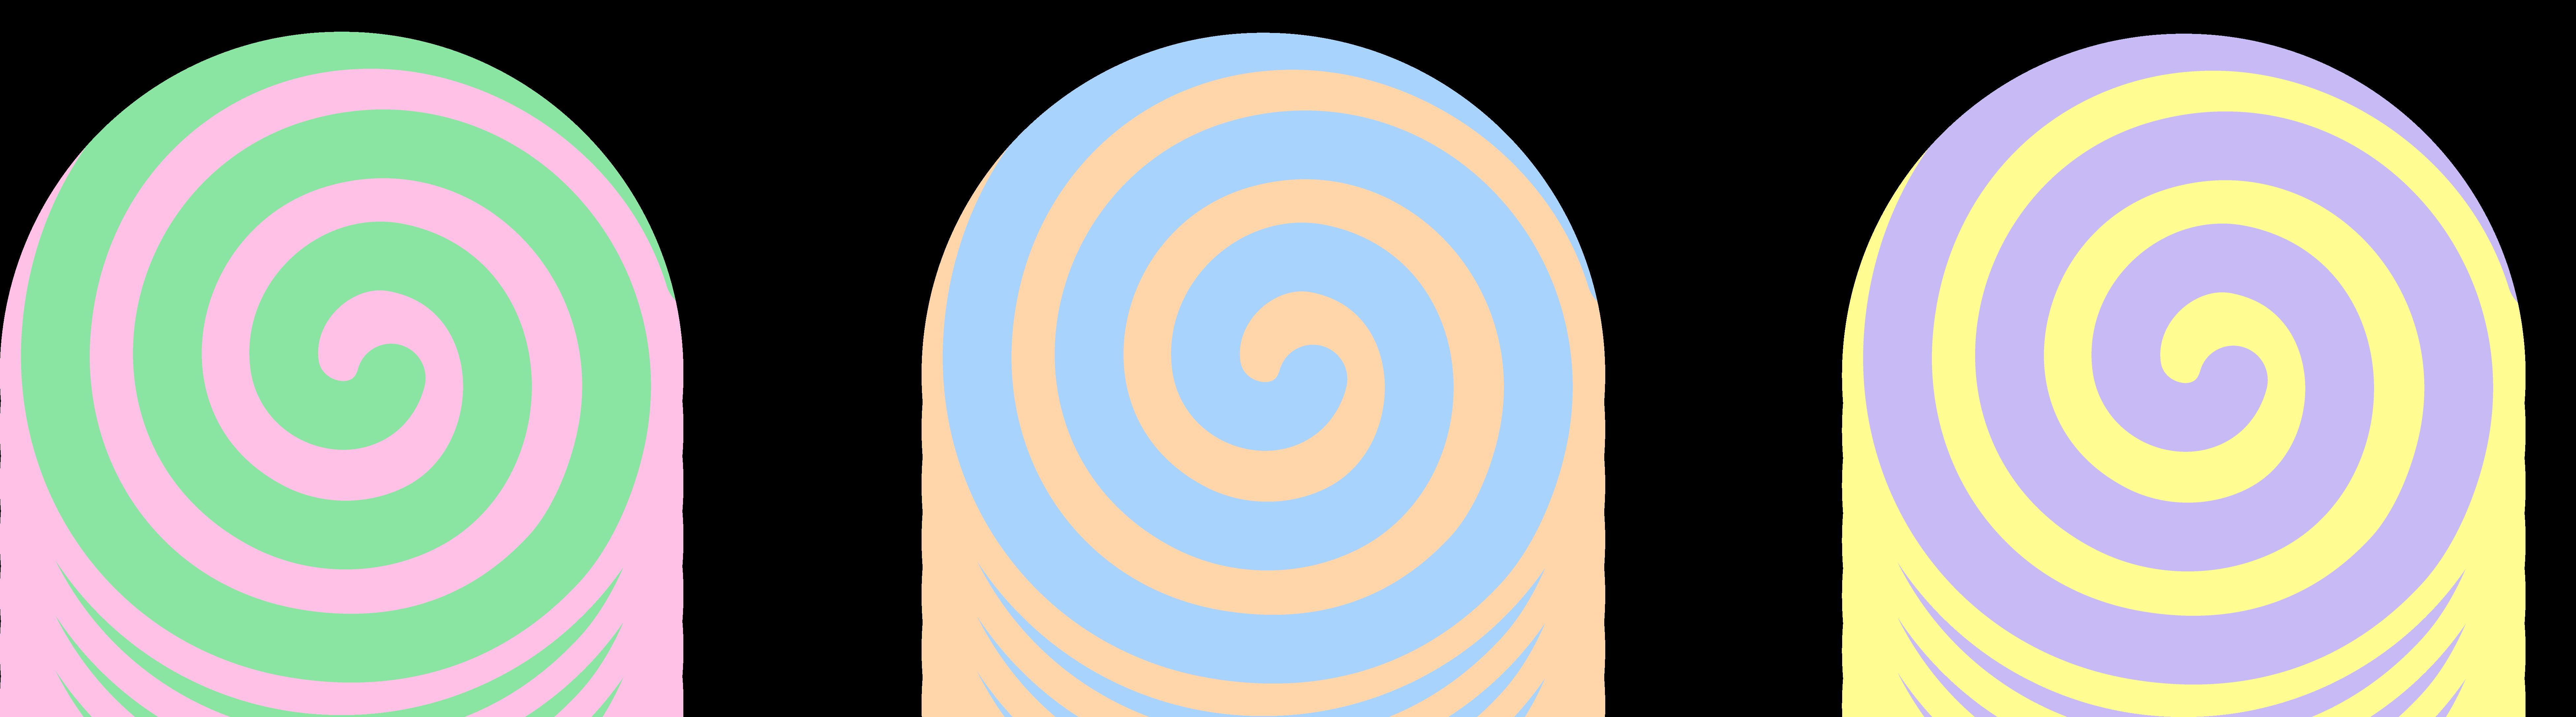 Spiral clipart swirl candy Art Pastel Three Spiral Candies